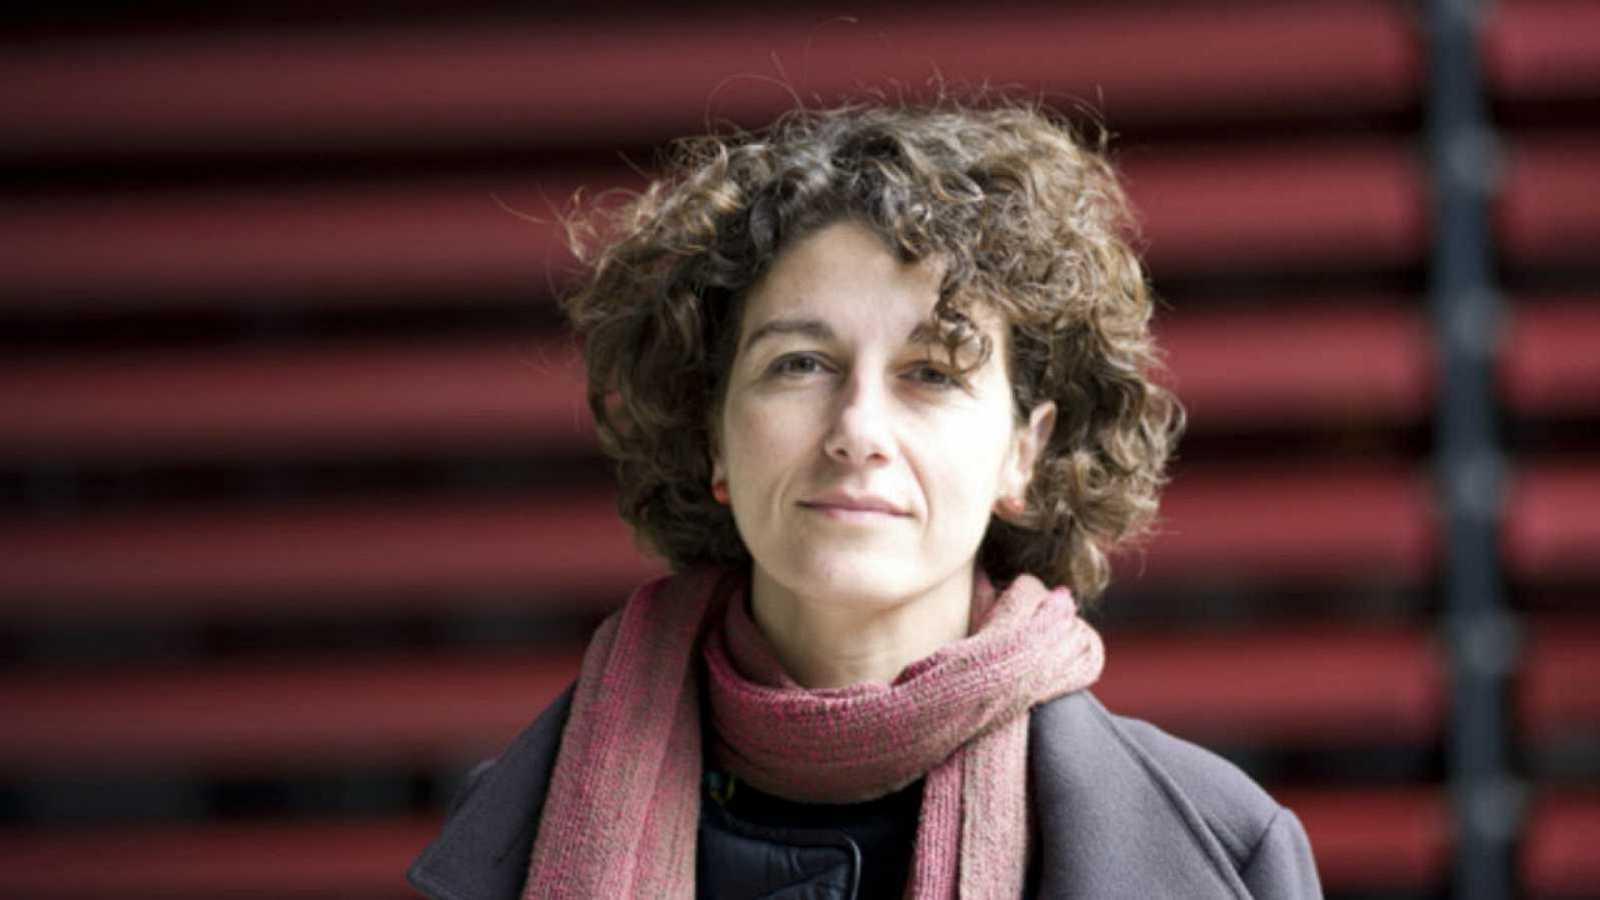 El ojo crítico - Marina Garcés en la escuela de aprendices - 04/12/20 - escuchar ahora